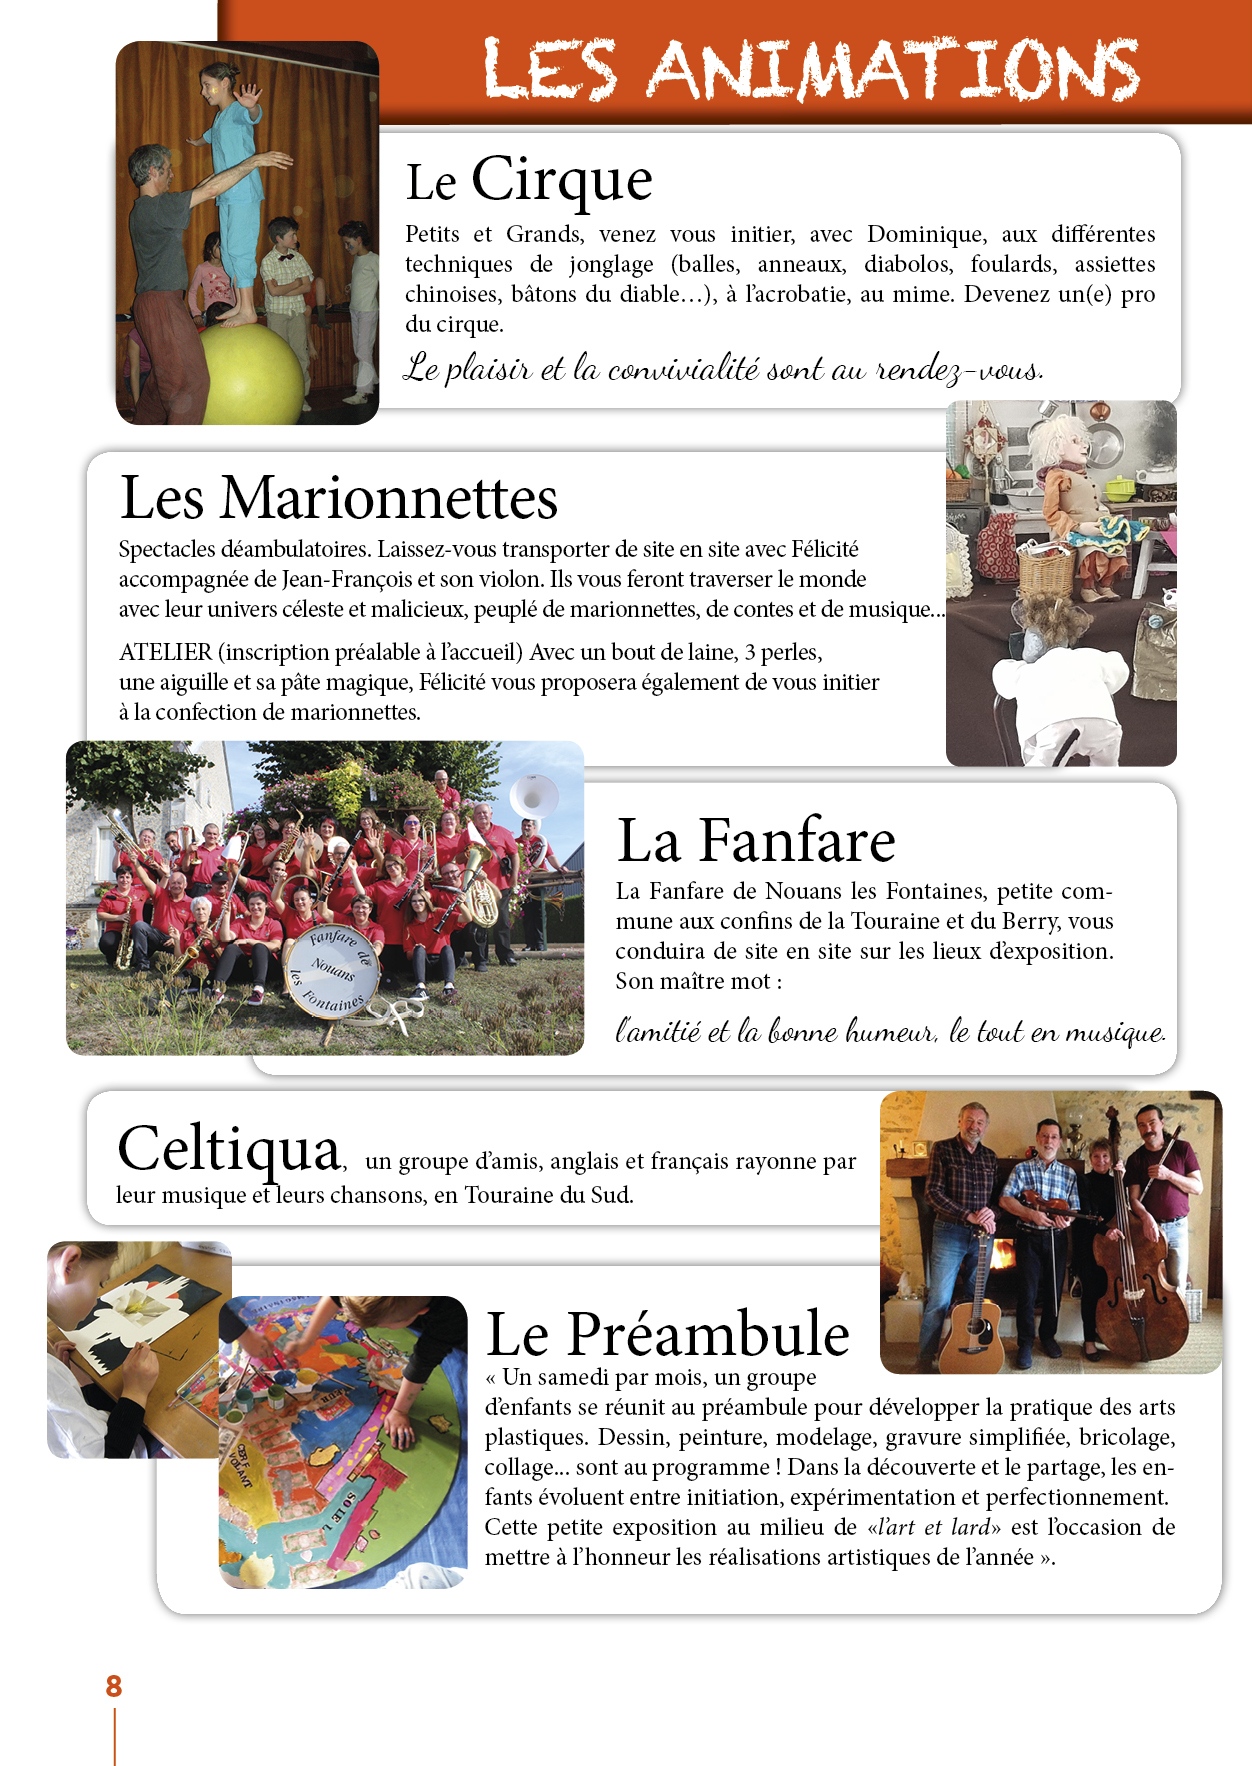 l-art-et-lard/16-pages-l-art-et-lard-2019p8.jpg